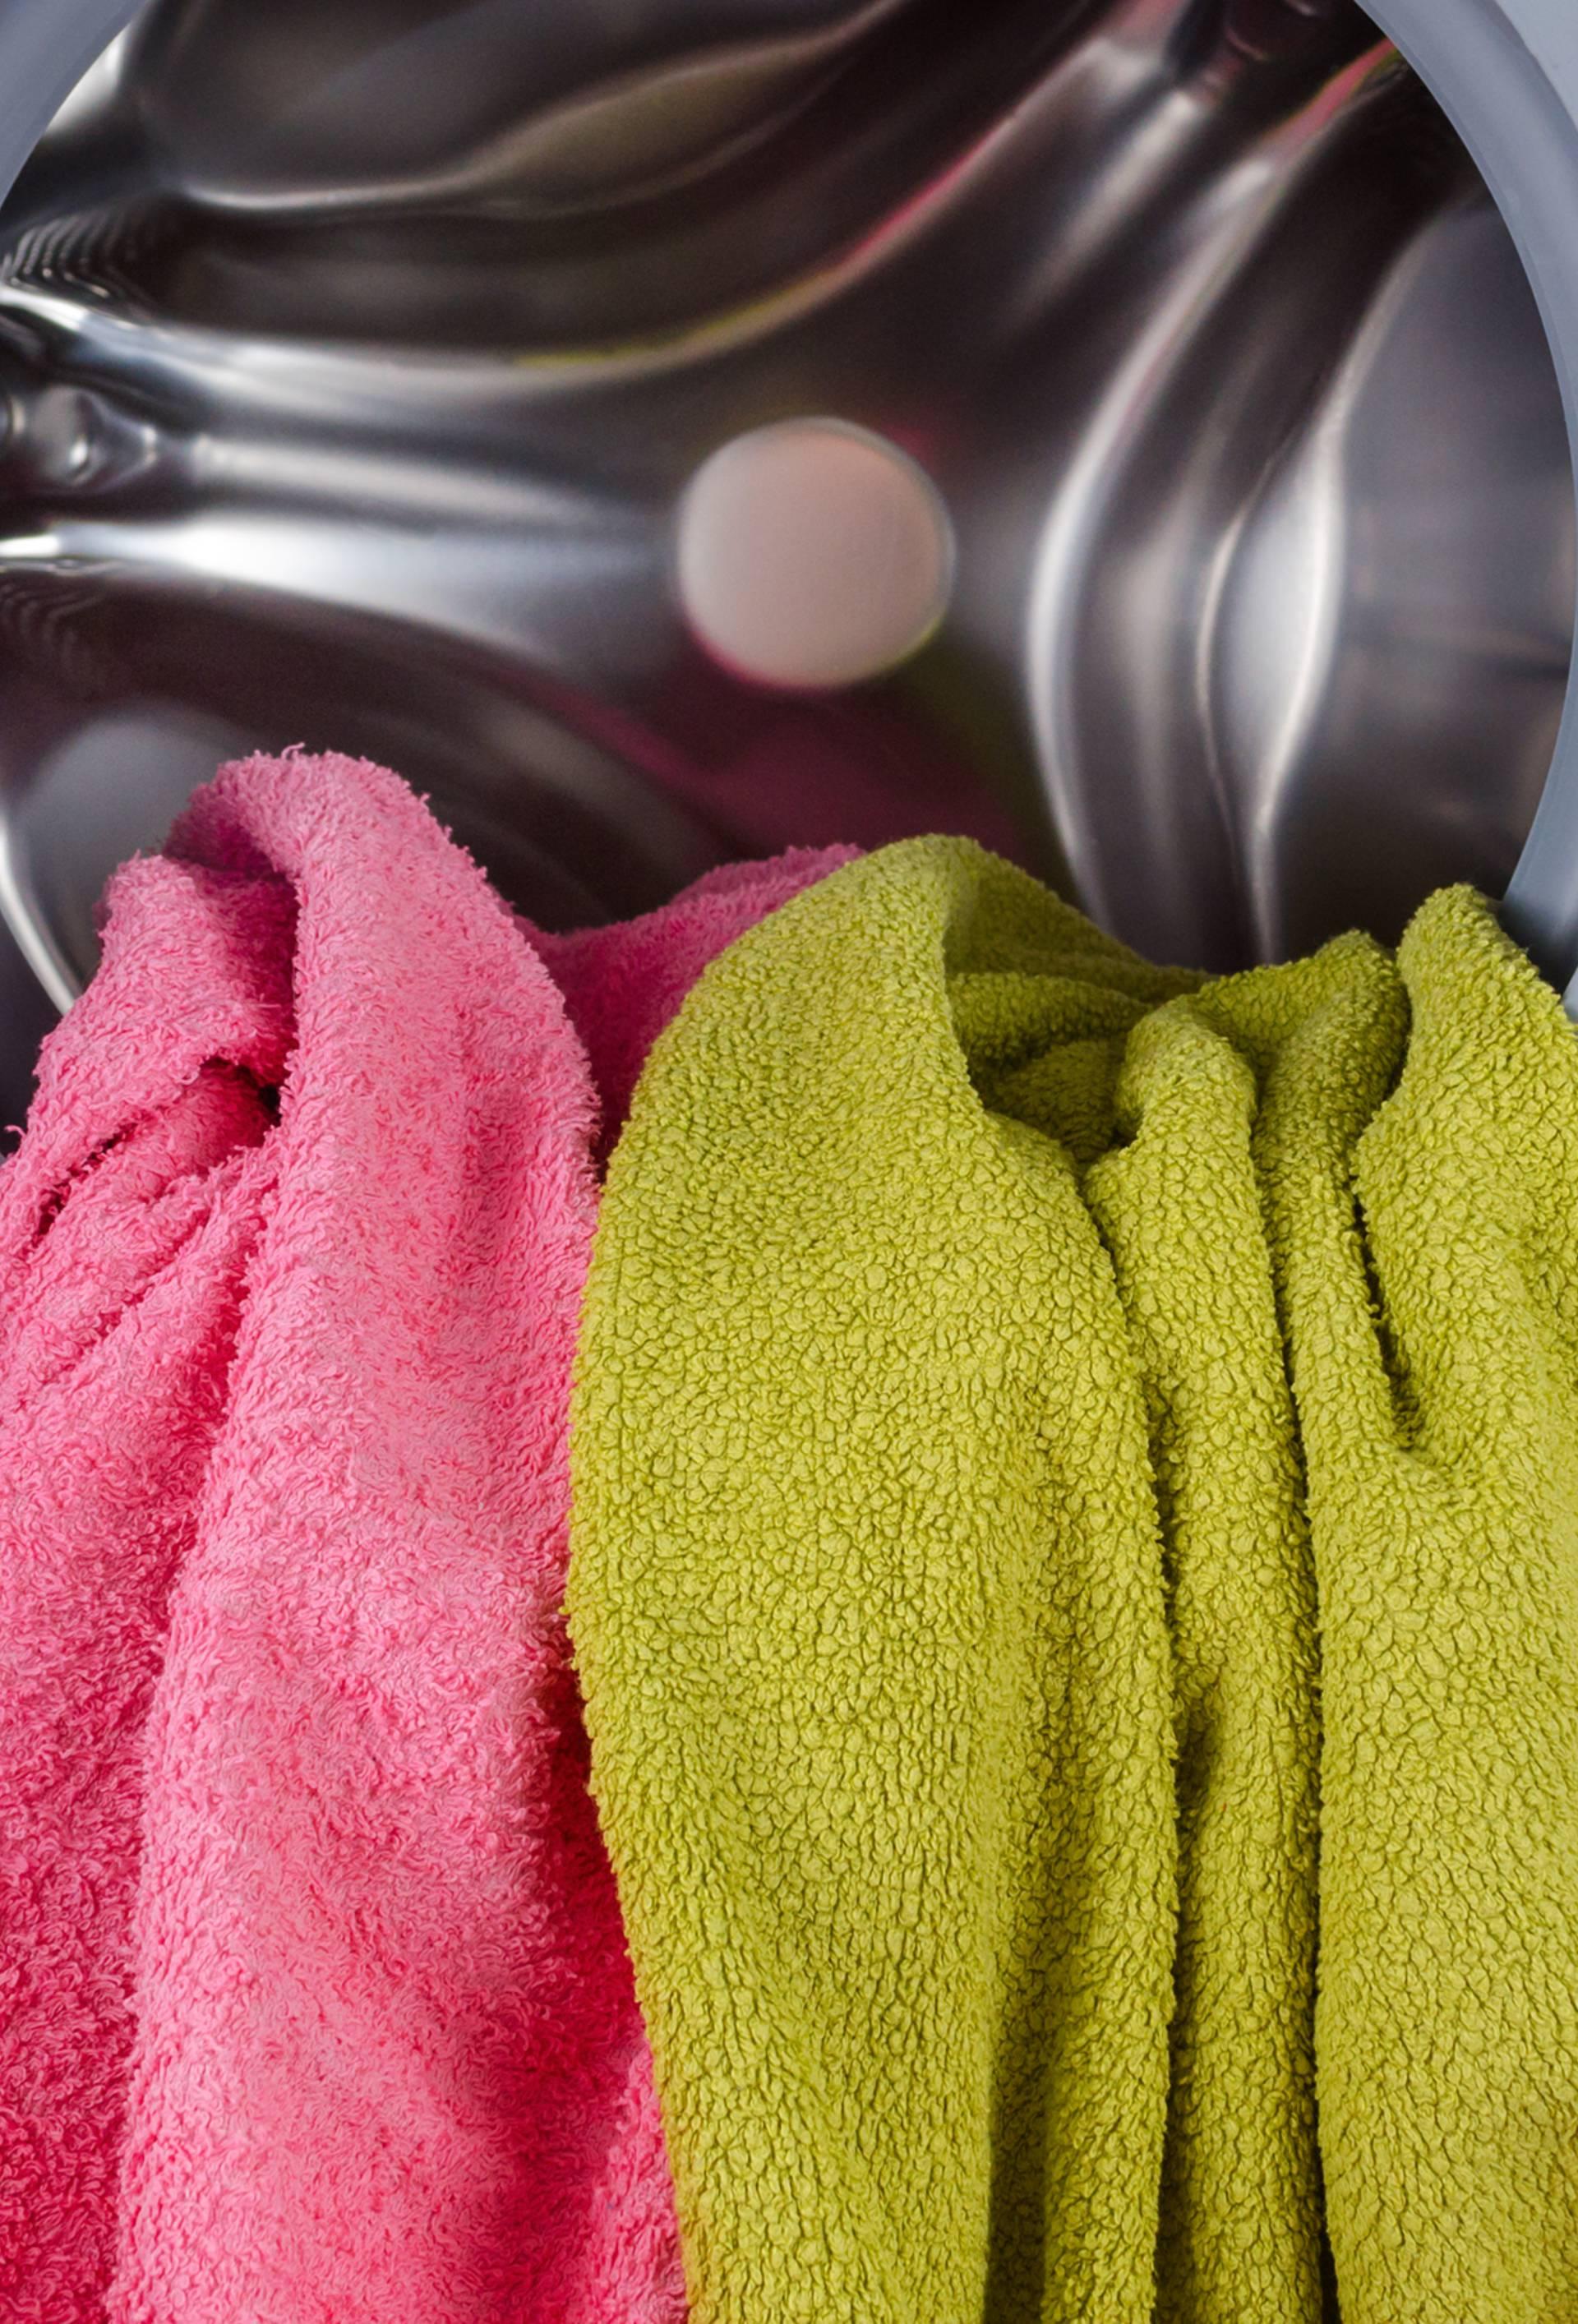 Vrata perilice rublja je između pranja bolje uopće ne zatvarati